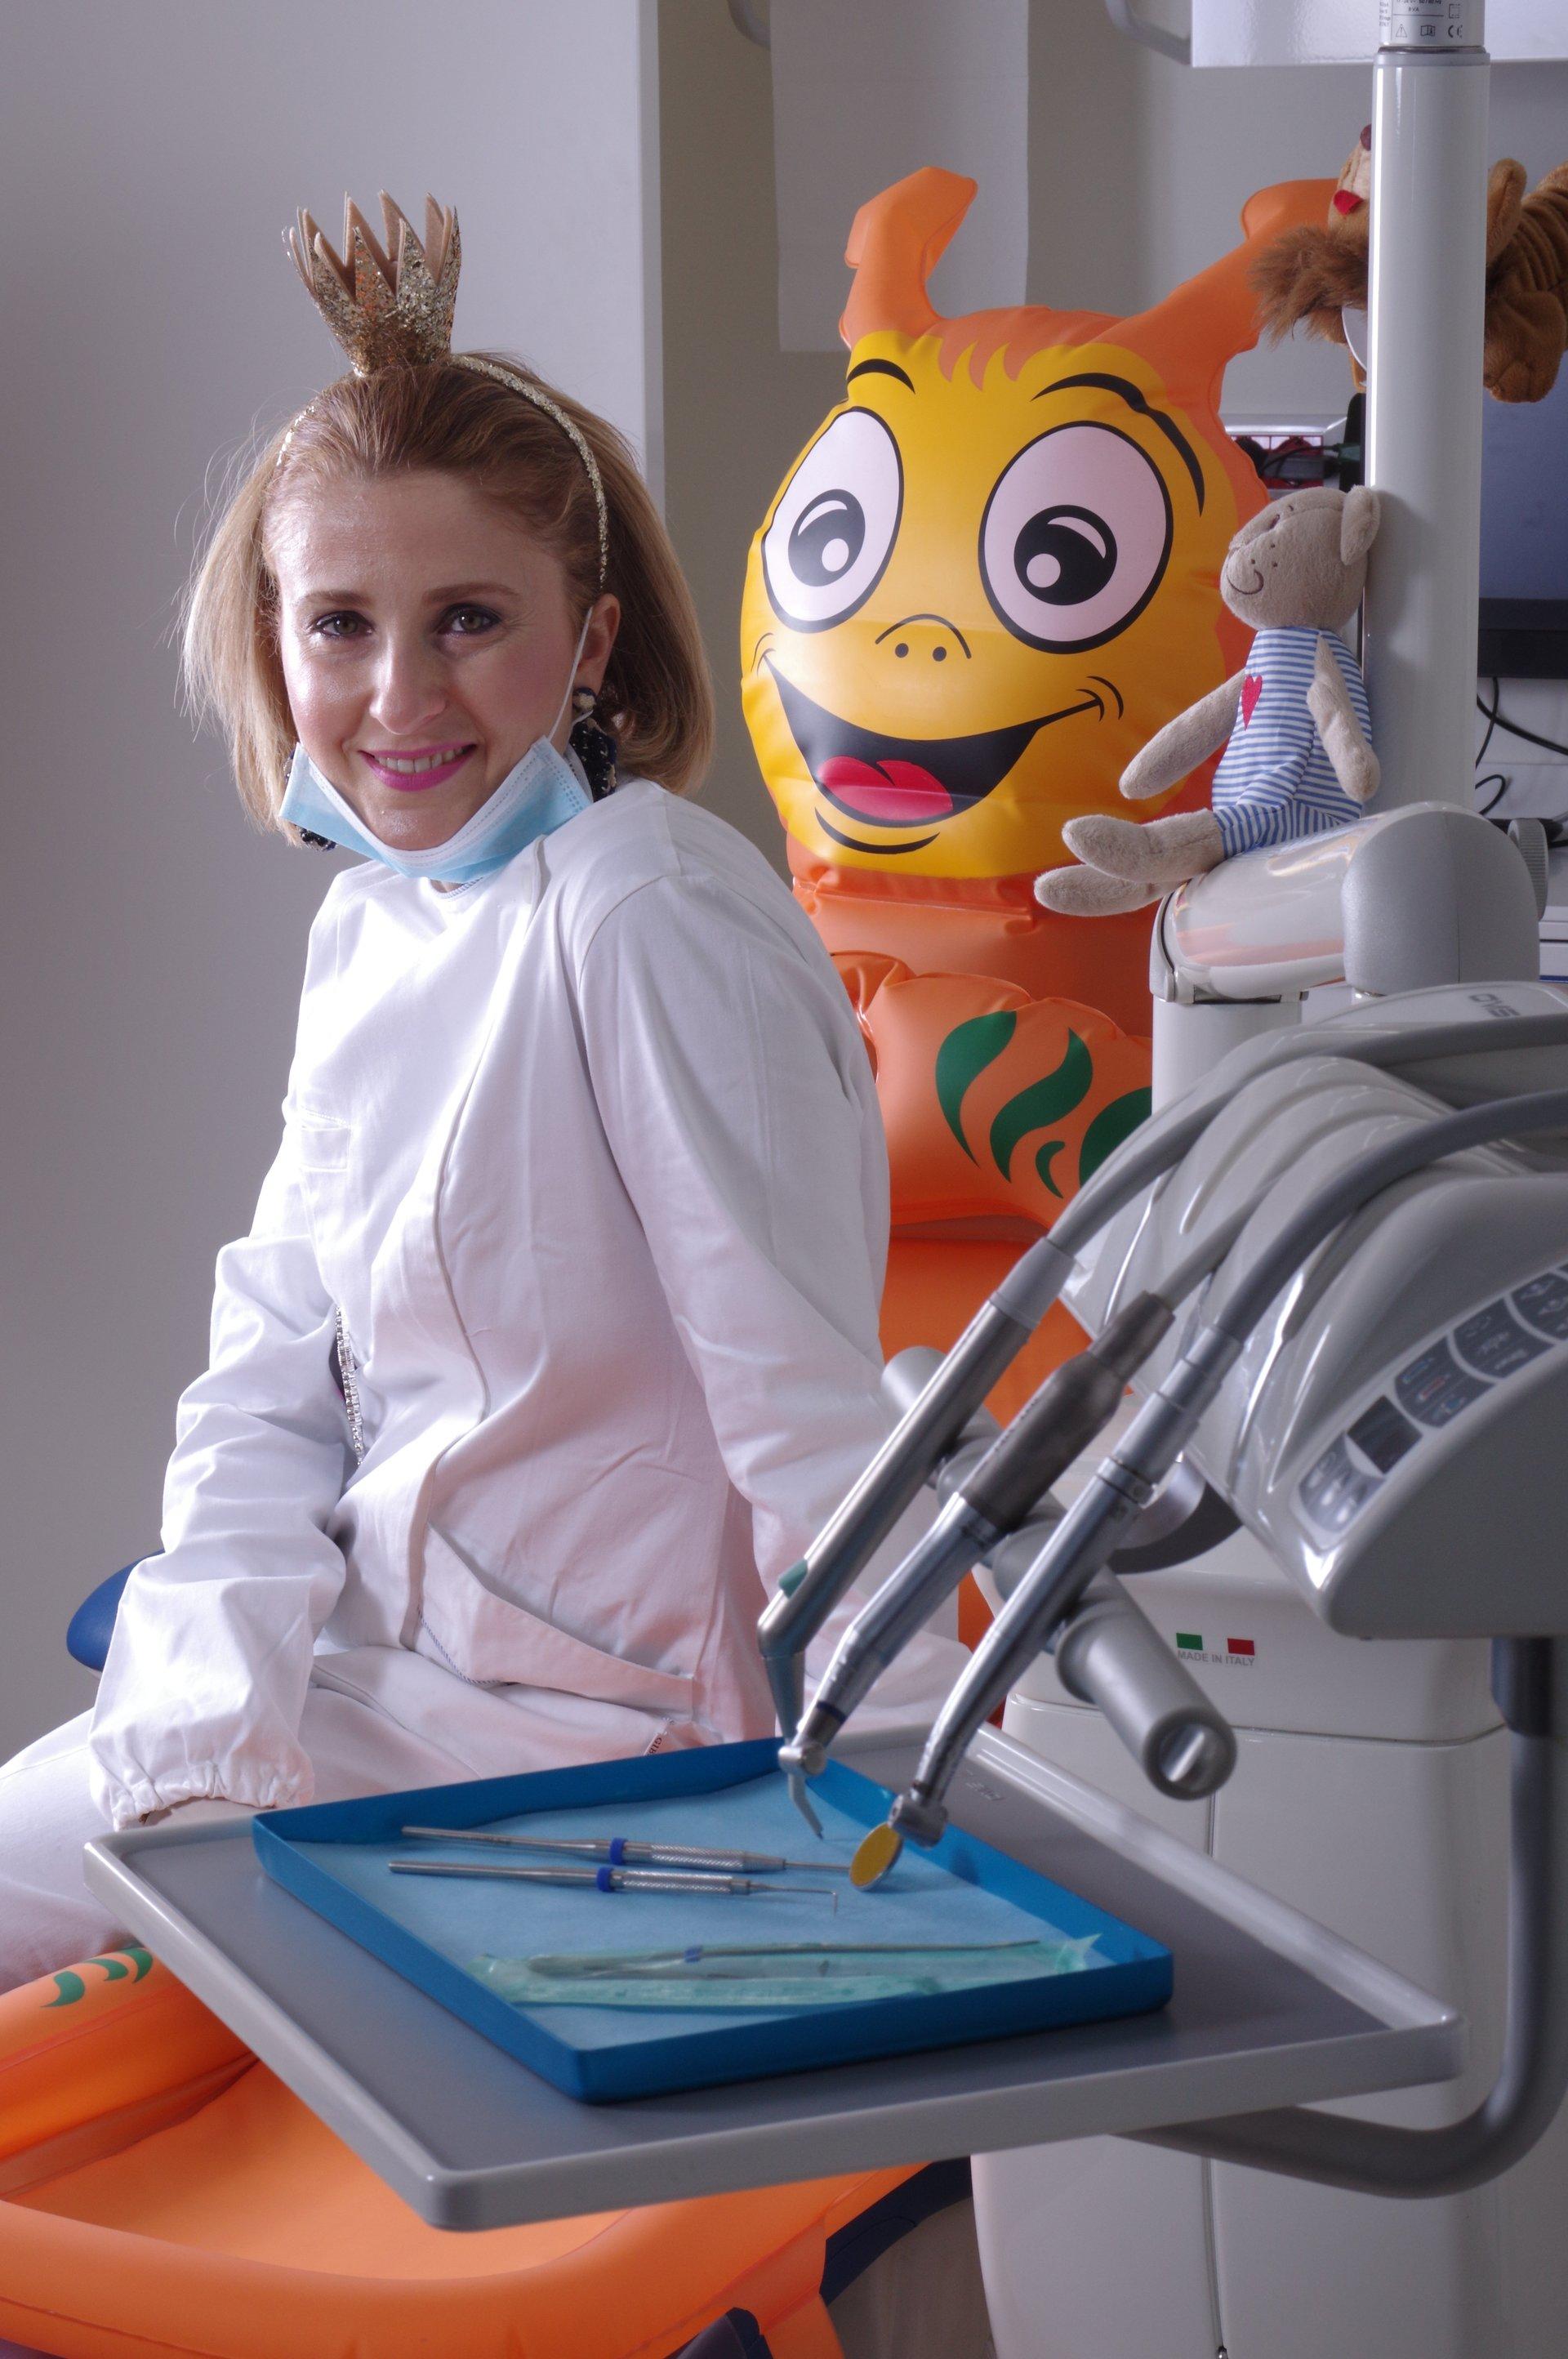 La dottoressa Anna di Pisa nel suo studio dentistico per bambini